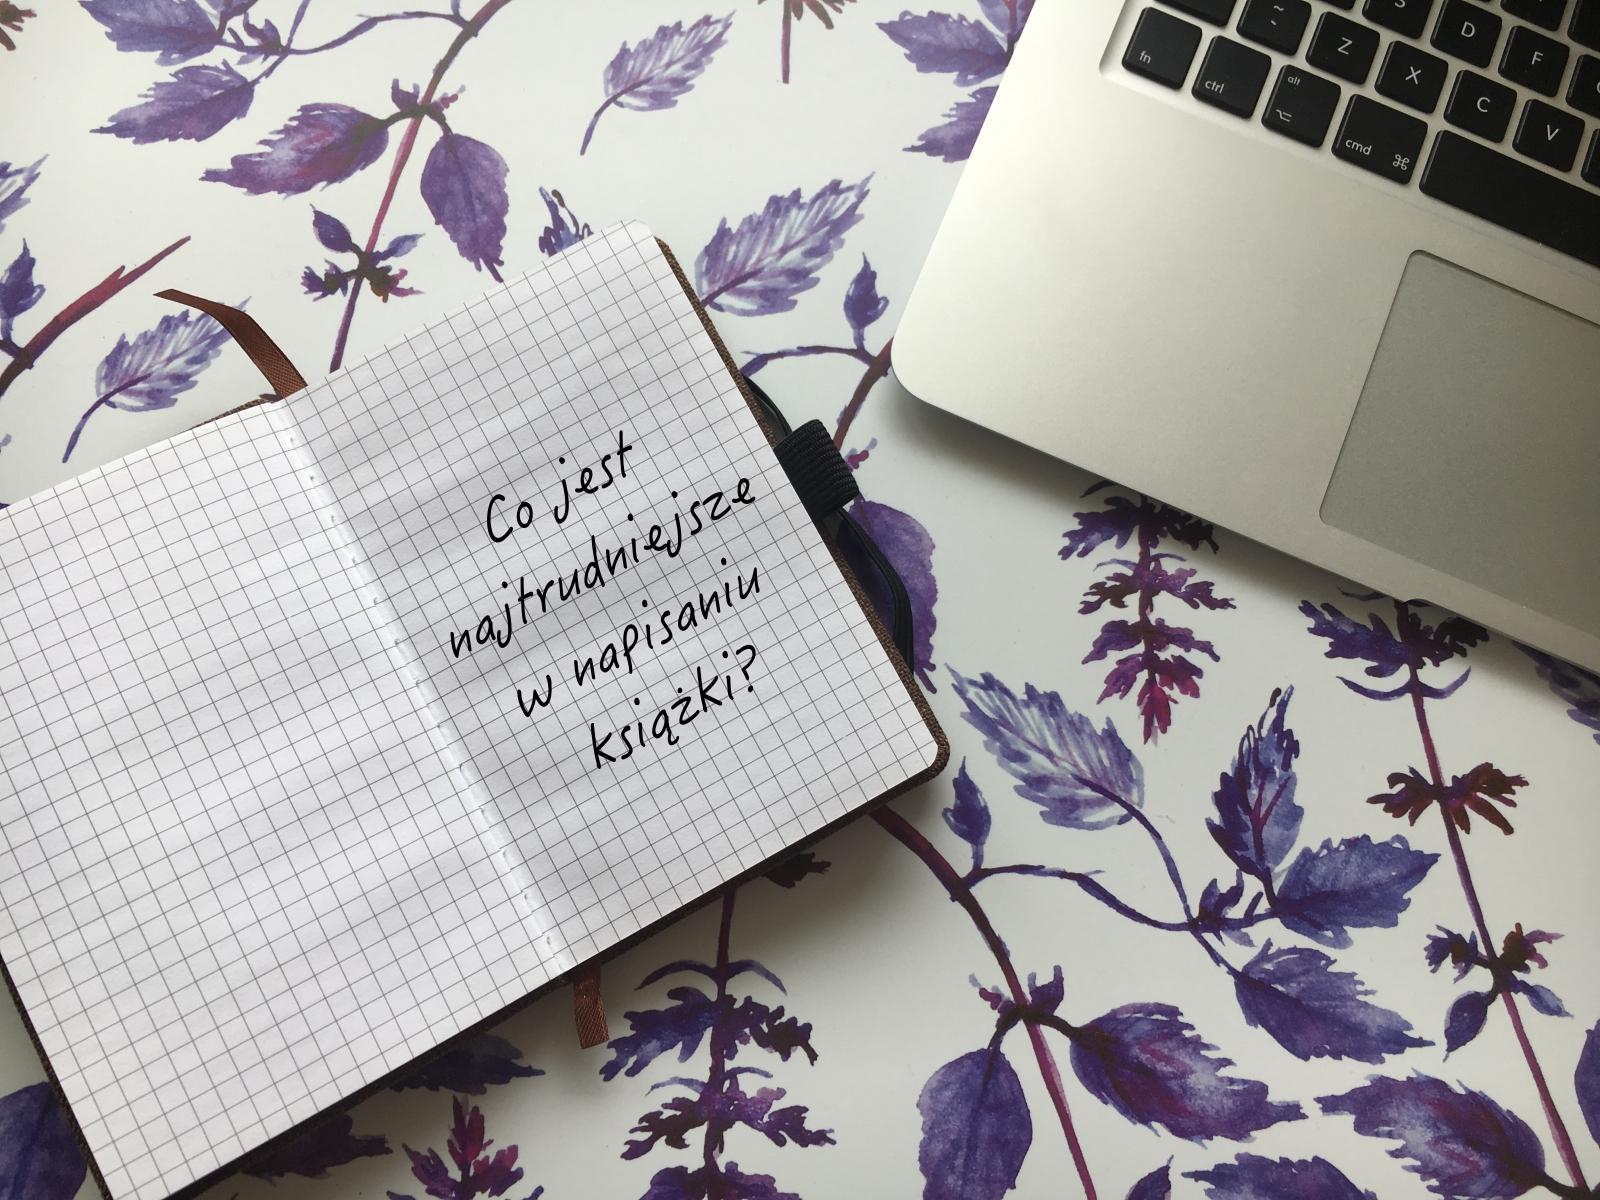 Co jest najtrudniejsze w napisaniu książki?